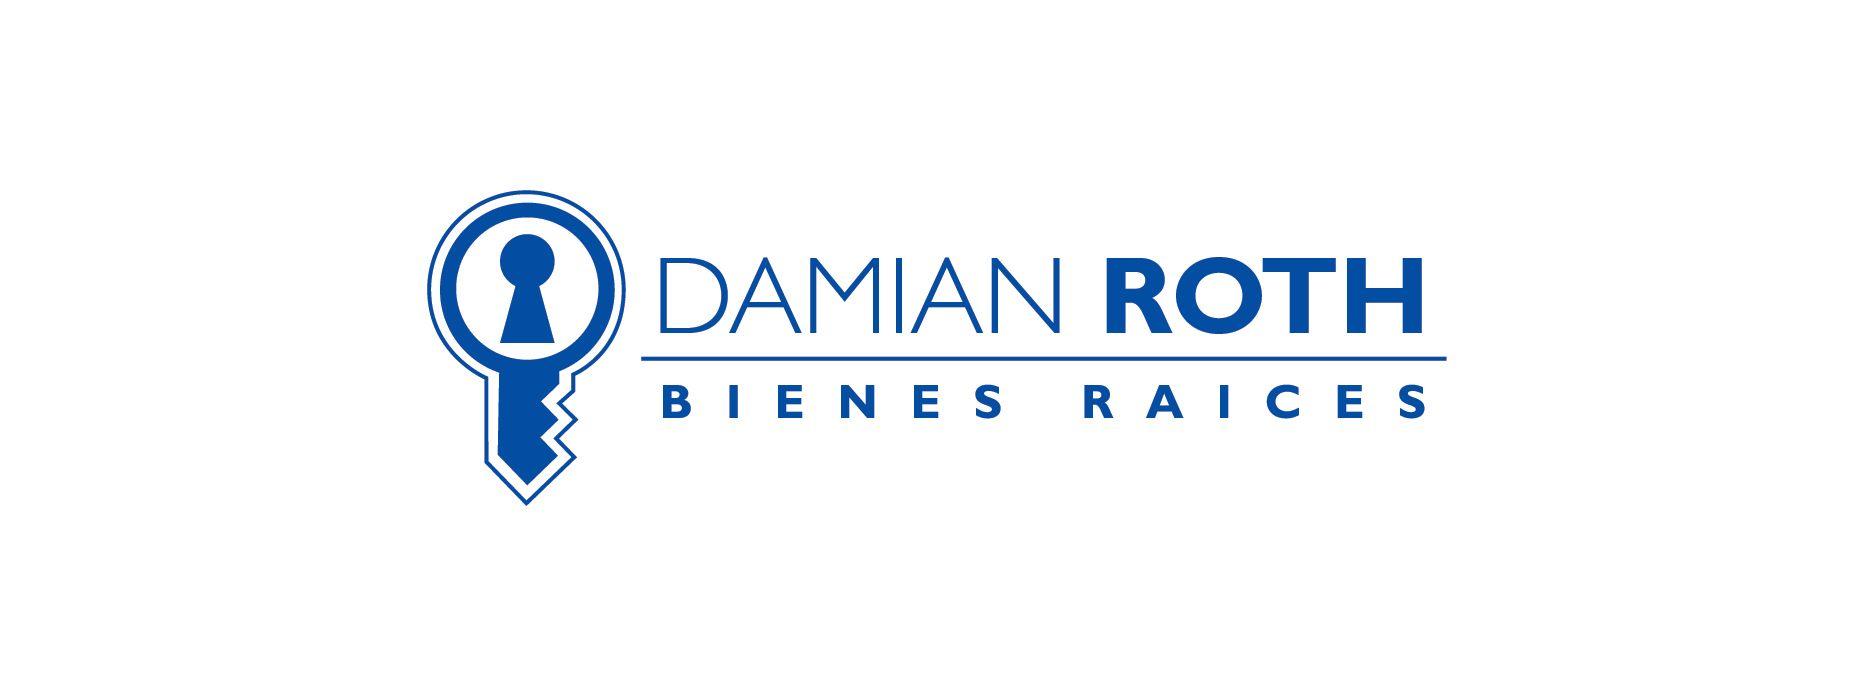 Logo de  Damianrothbienesraices